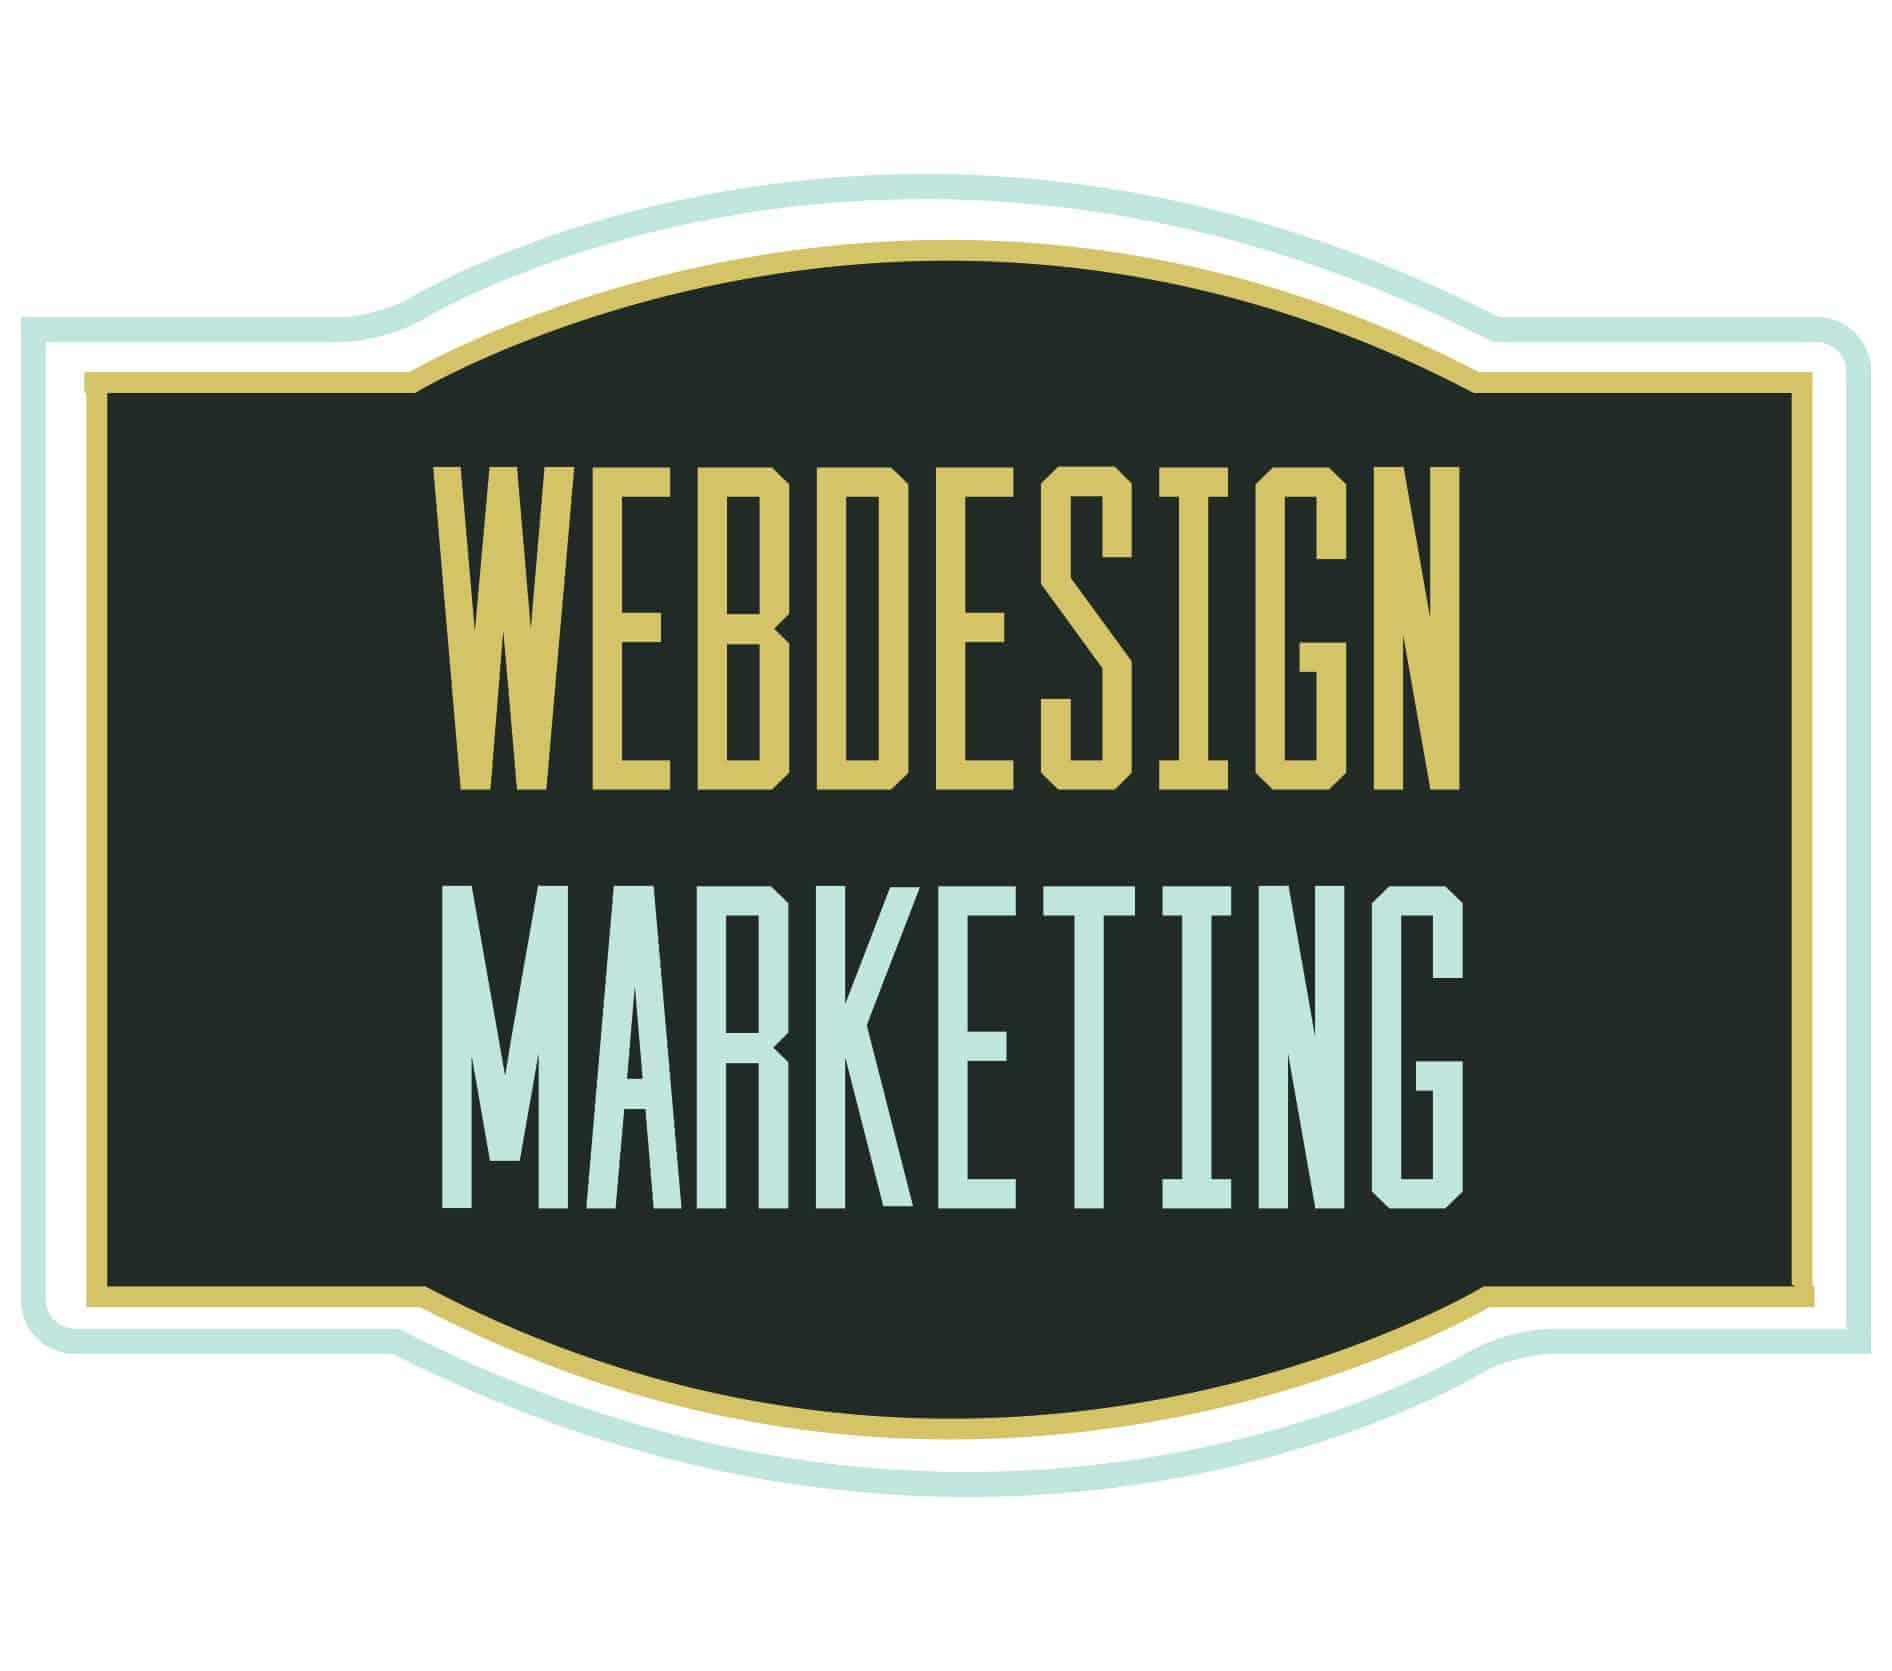 Megamad Website Design Marketing: Működő, önazonos Weboldalakat Készítek